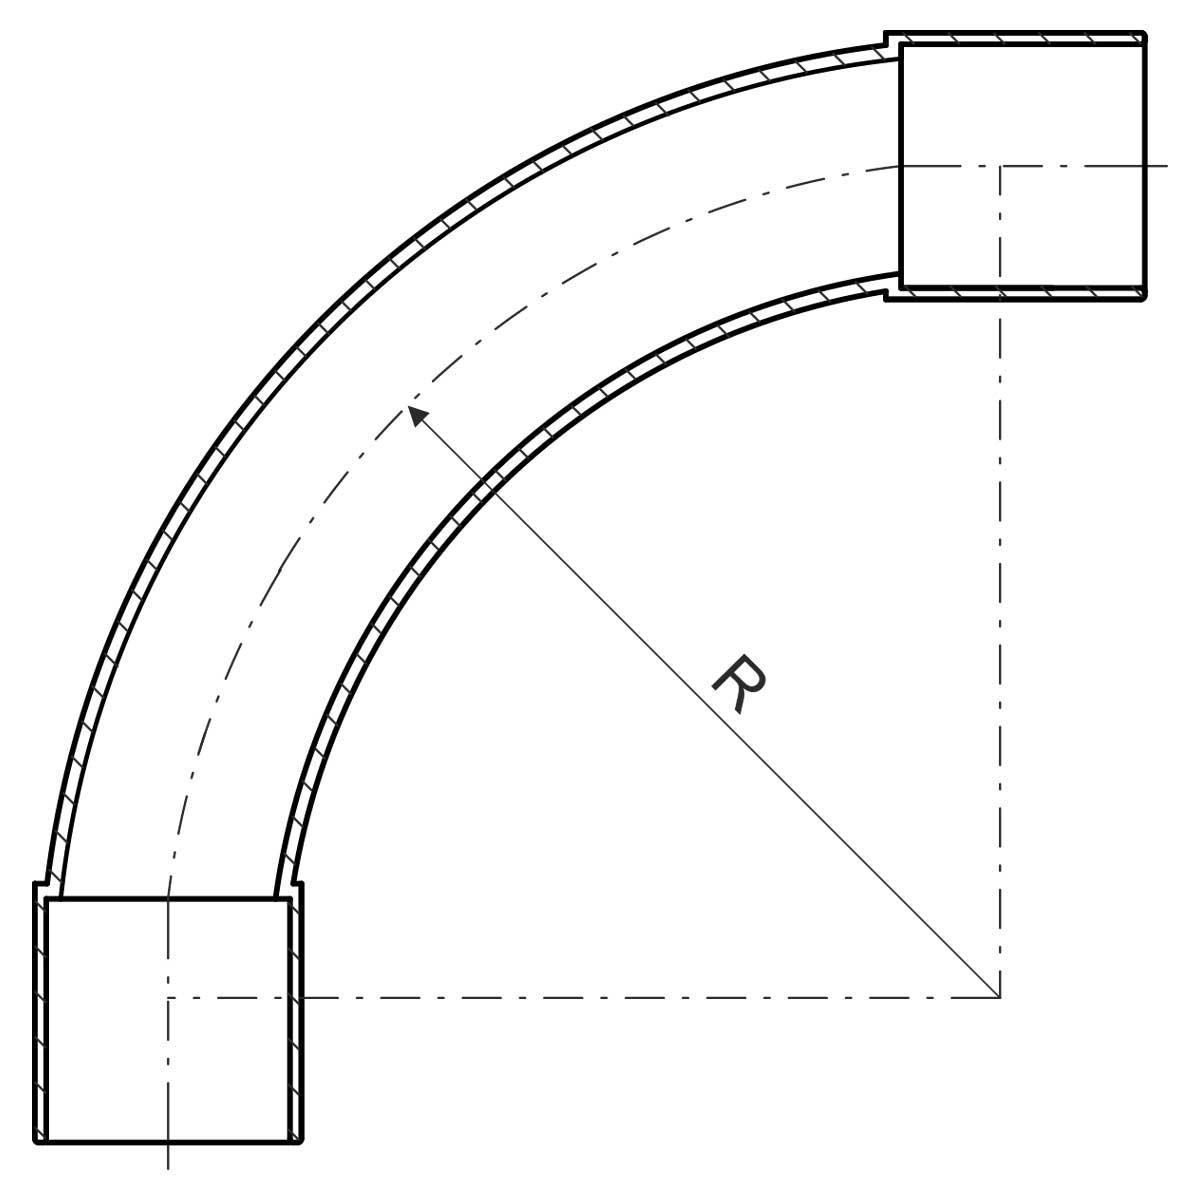 Коліно для труби 20 мм; Ø20мм; РС; безгалогенне; УФ-стійке; t застосування -45+90 °с; чорне;